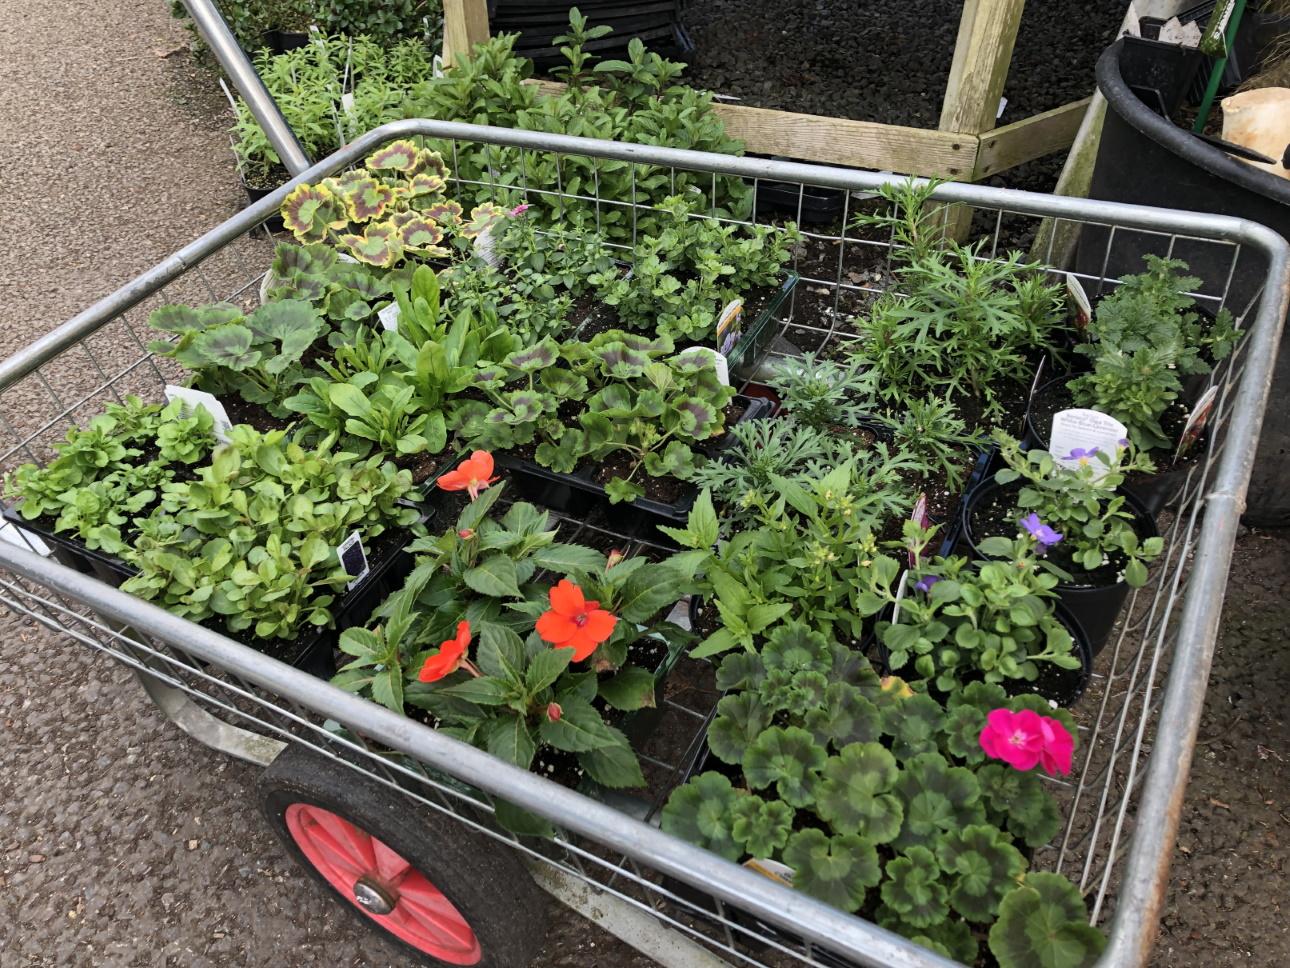 Trolley of bedding plants - Trevena Cross